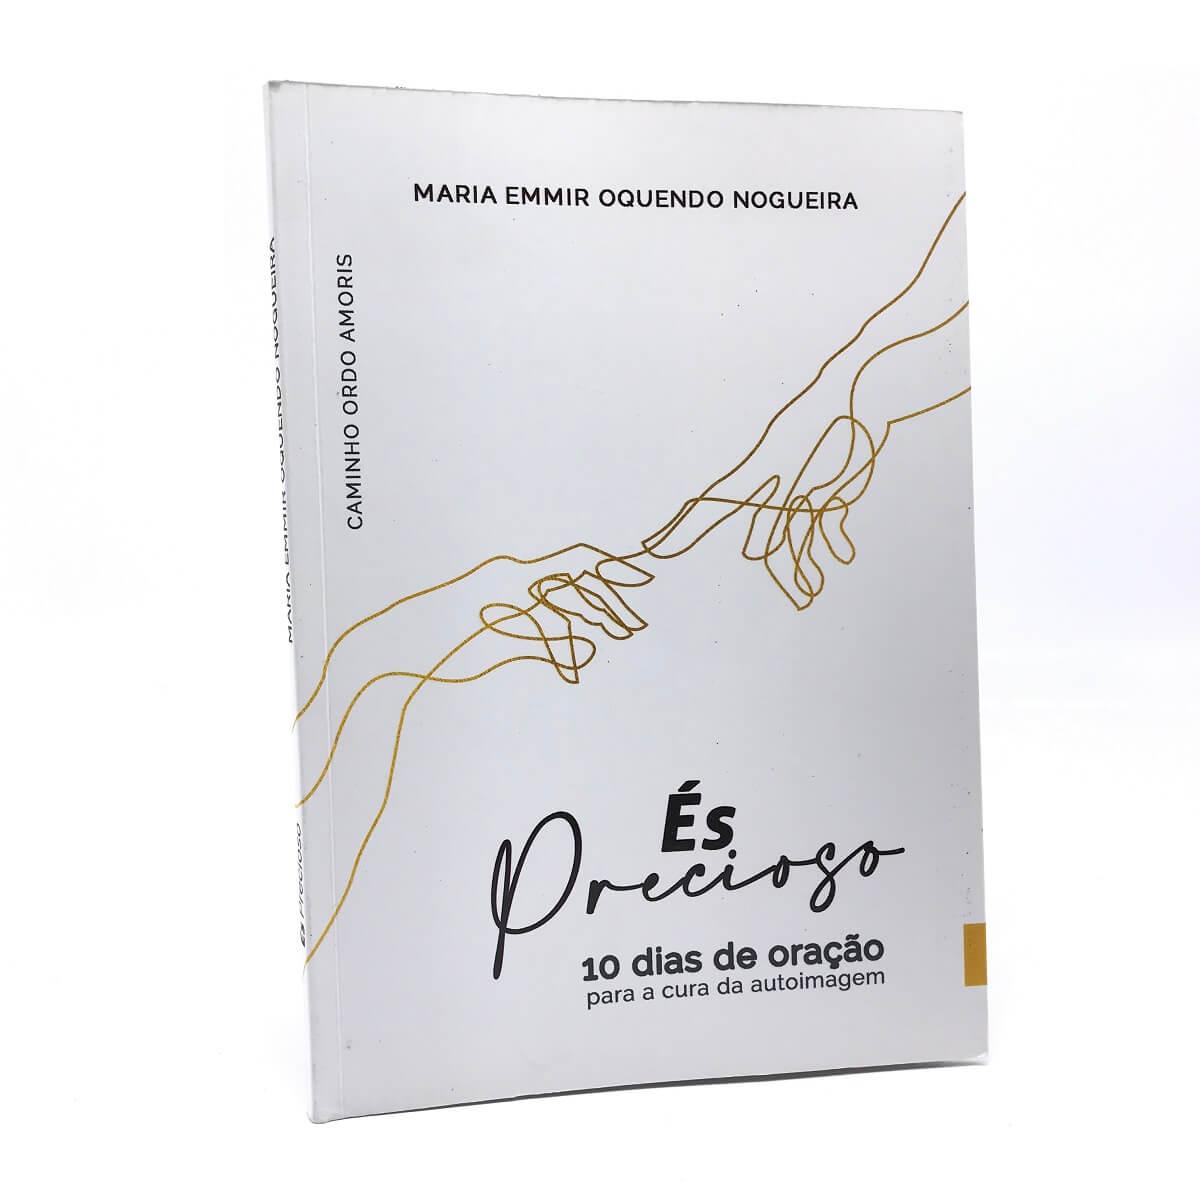 Livro És Precioso - Maria Emmir Nogueira